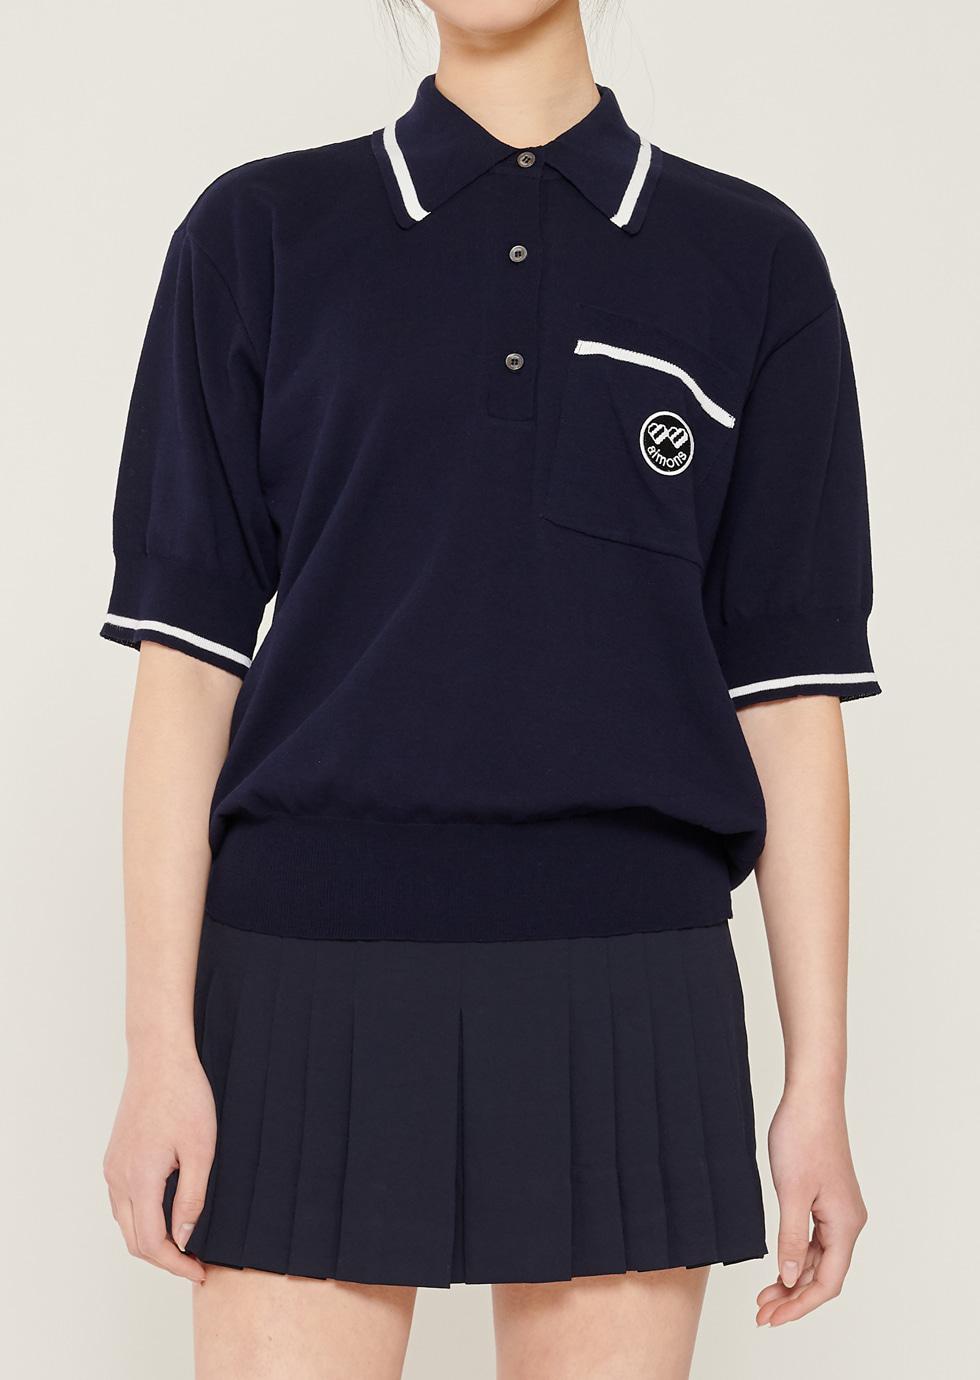 Navy Wappen Pk knitwear - 에몽 공식스토어  aimons